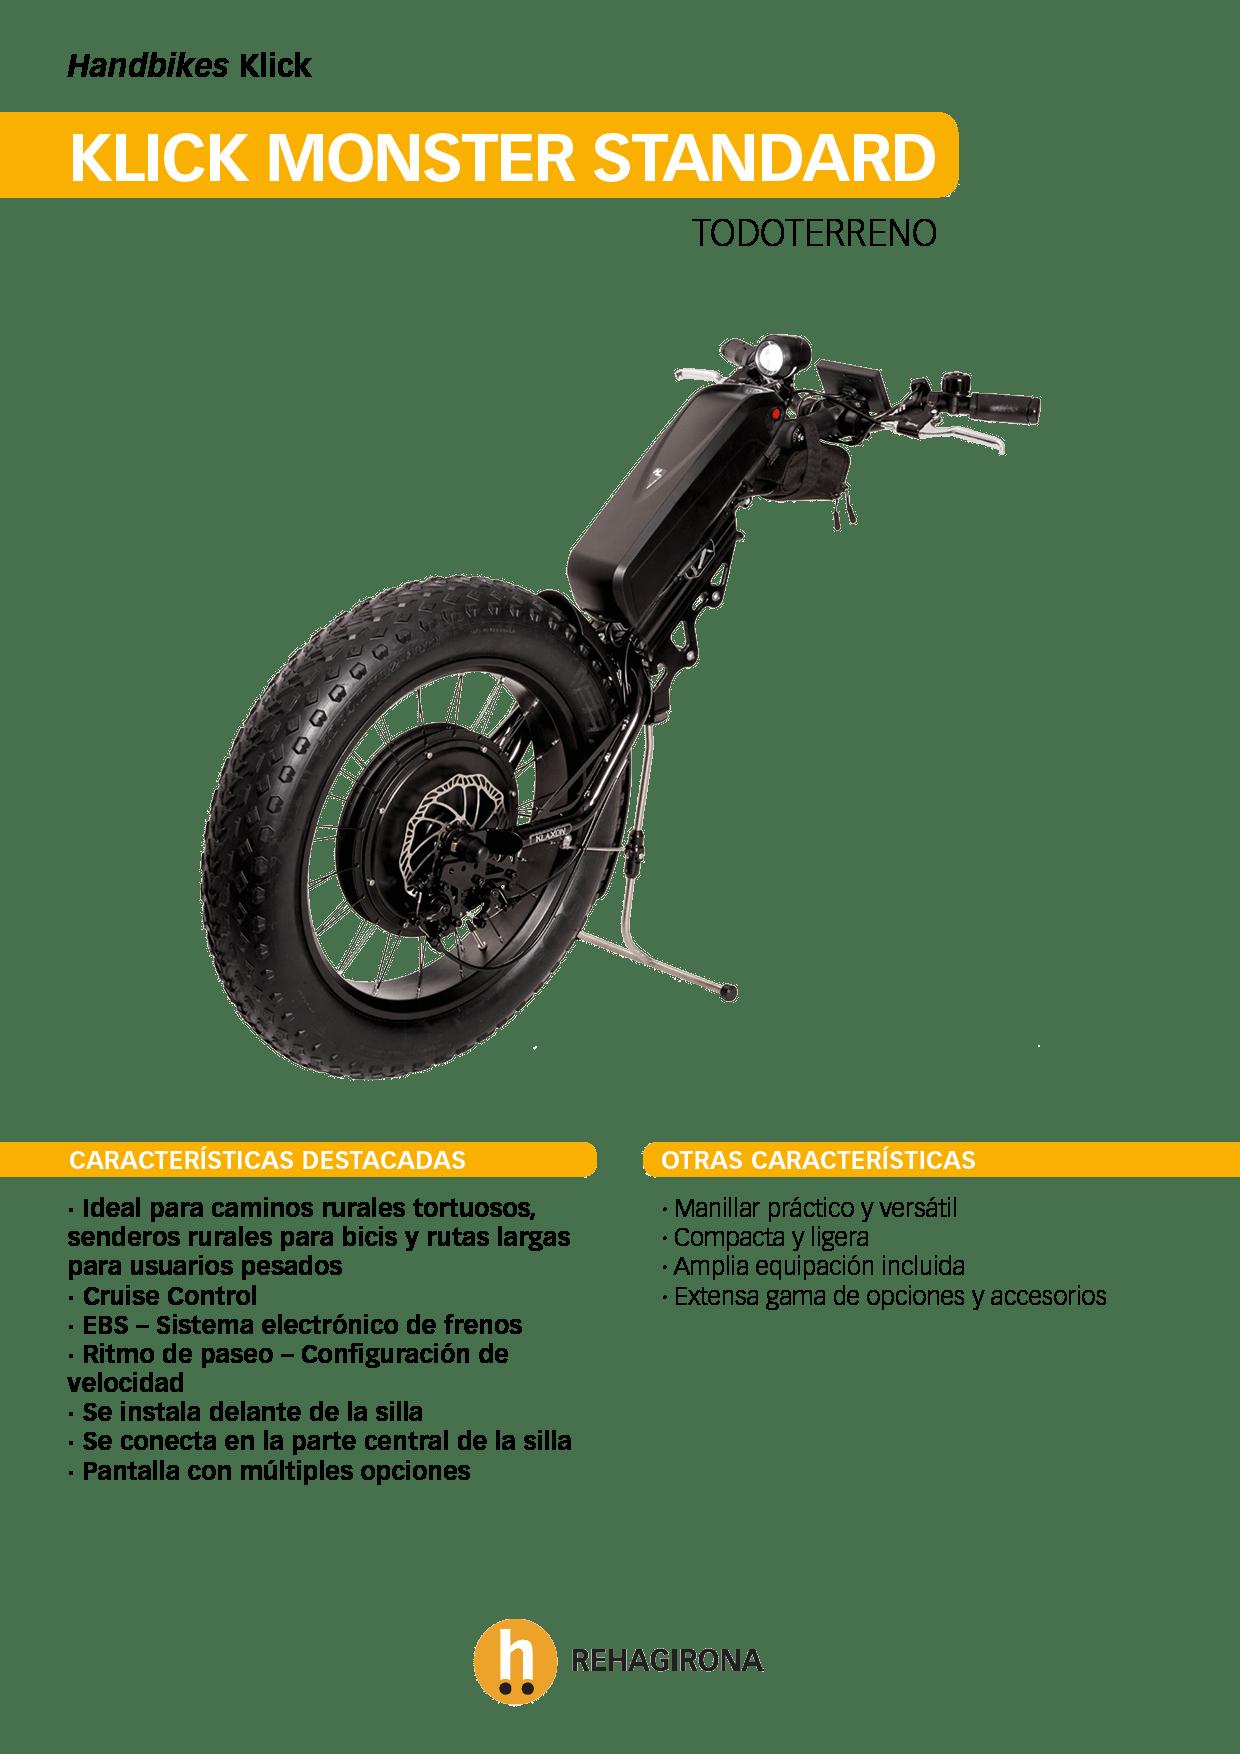 Características y beneficios más destacados de la handbike Klick Monster Standard - Rehagirona